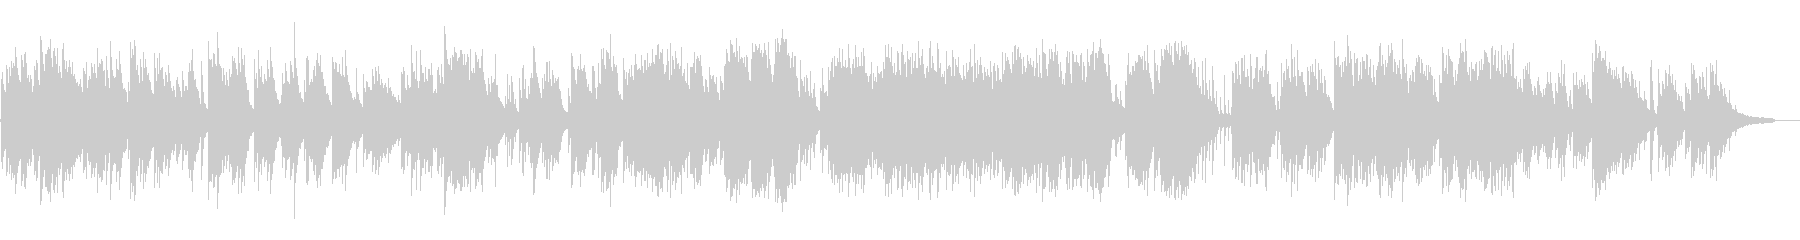 暖かく静かな日常的なピアノソロの未再生の波形